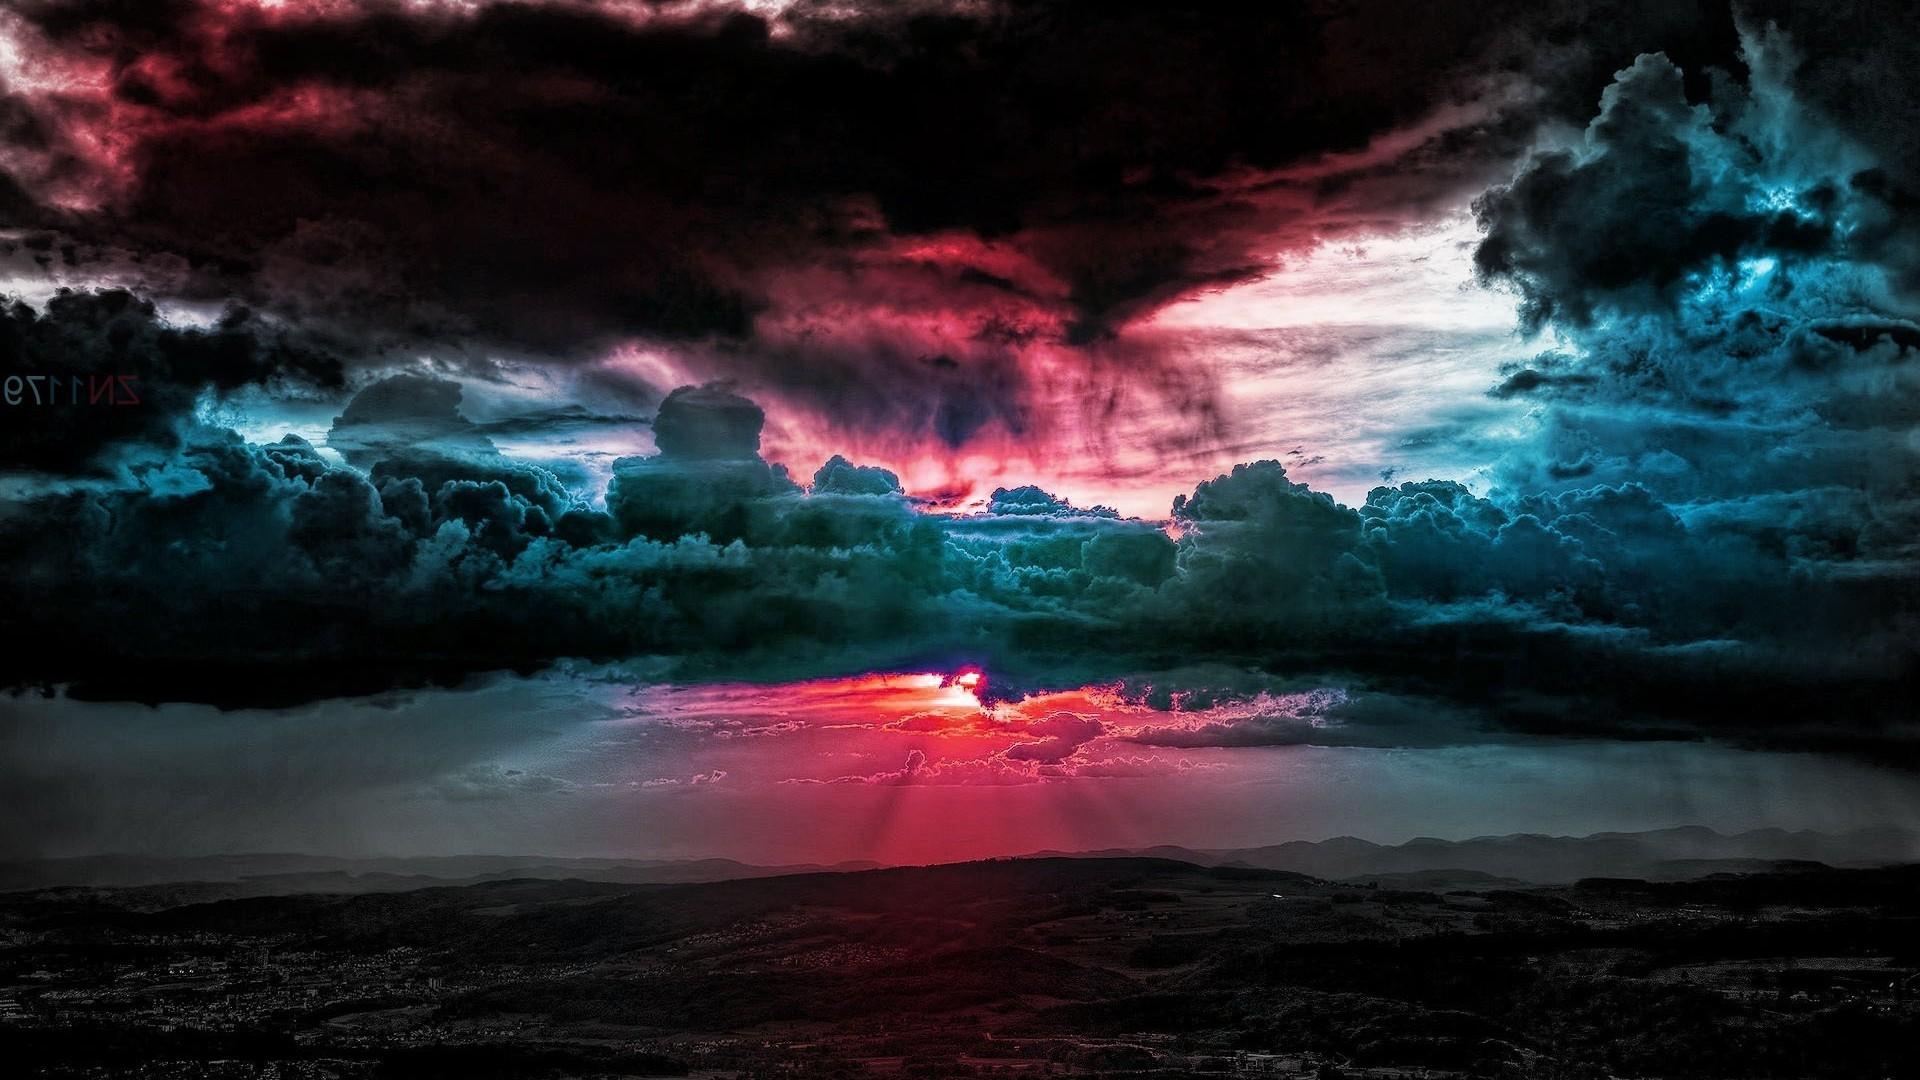 Dark Sky Background 47 Images